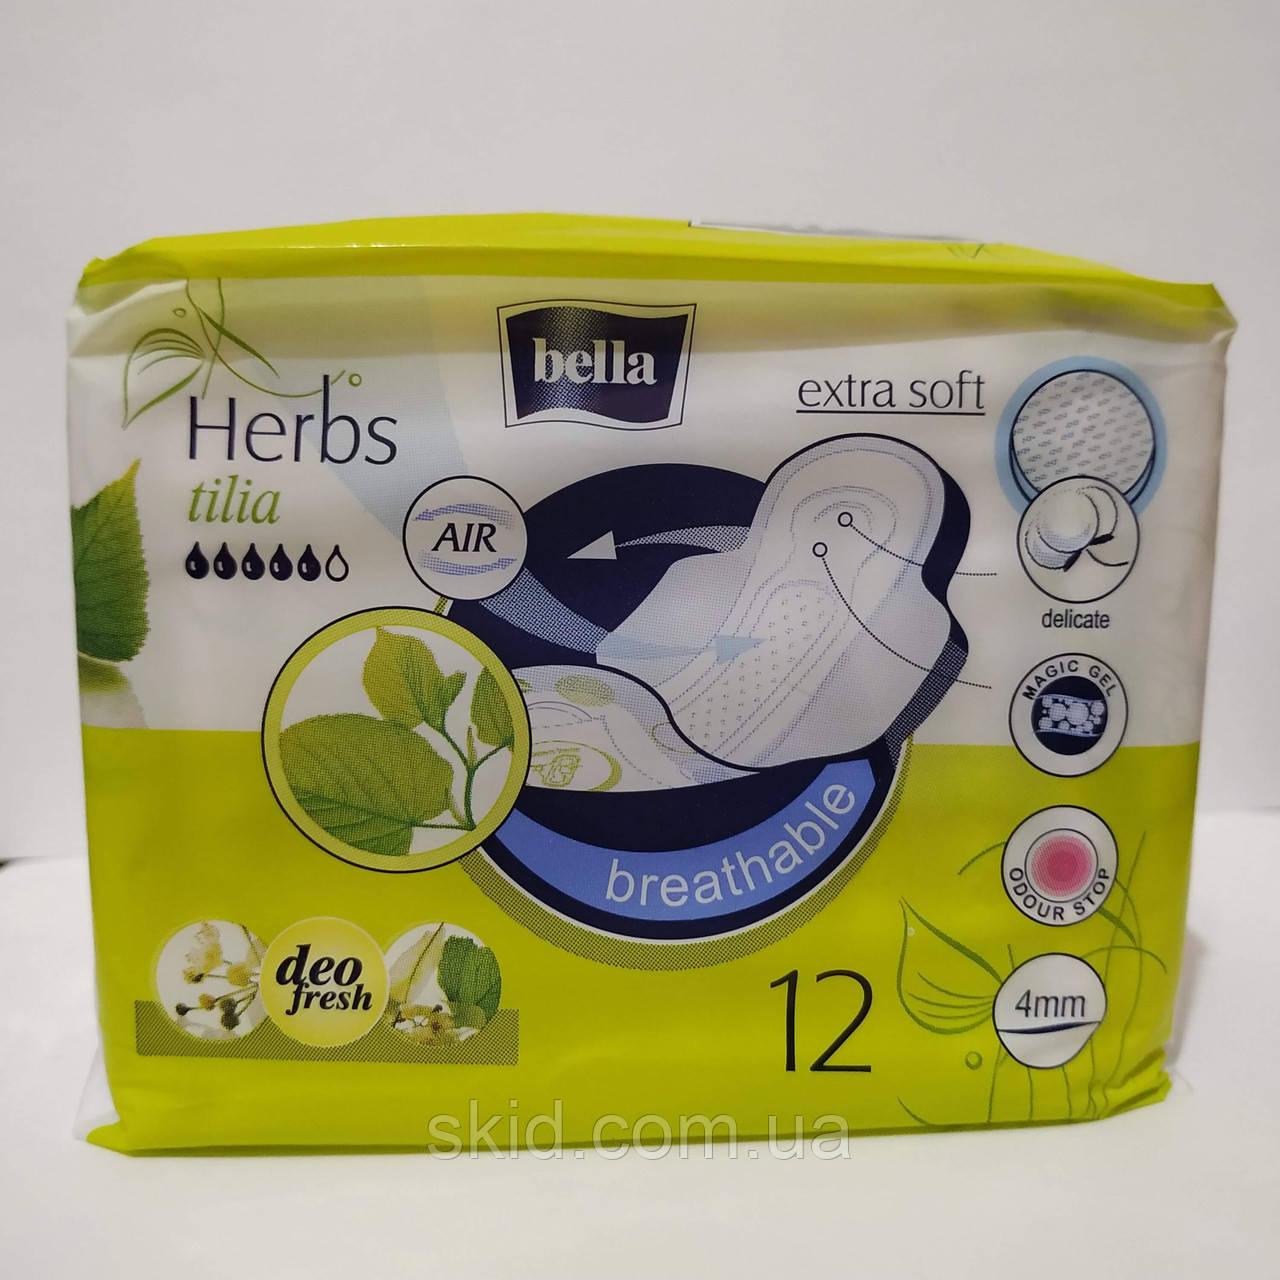 Гигиенические прокладки Bella Herbs Tilia 12 шт